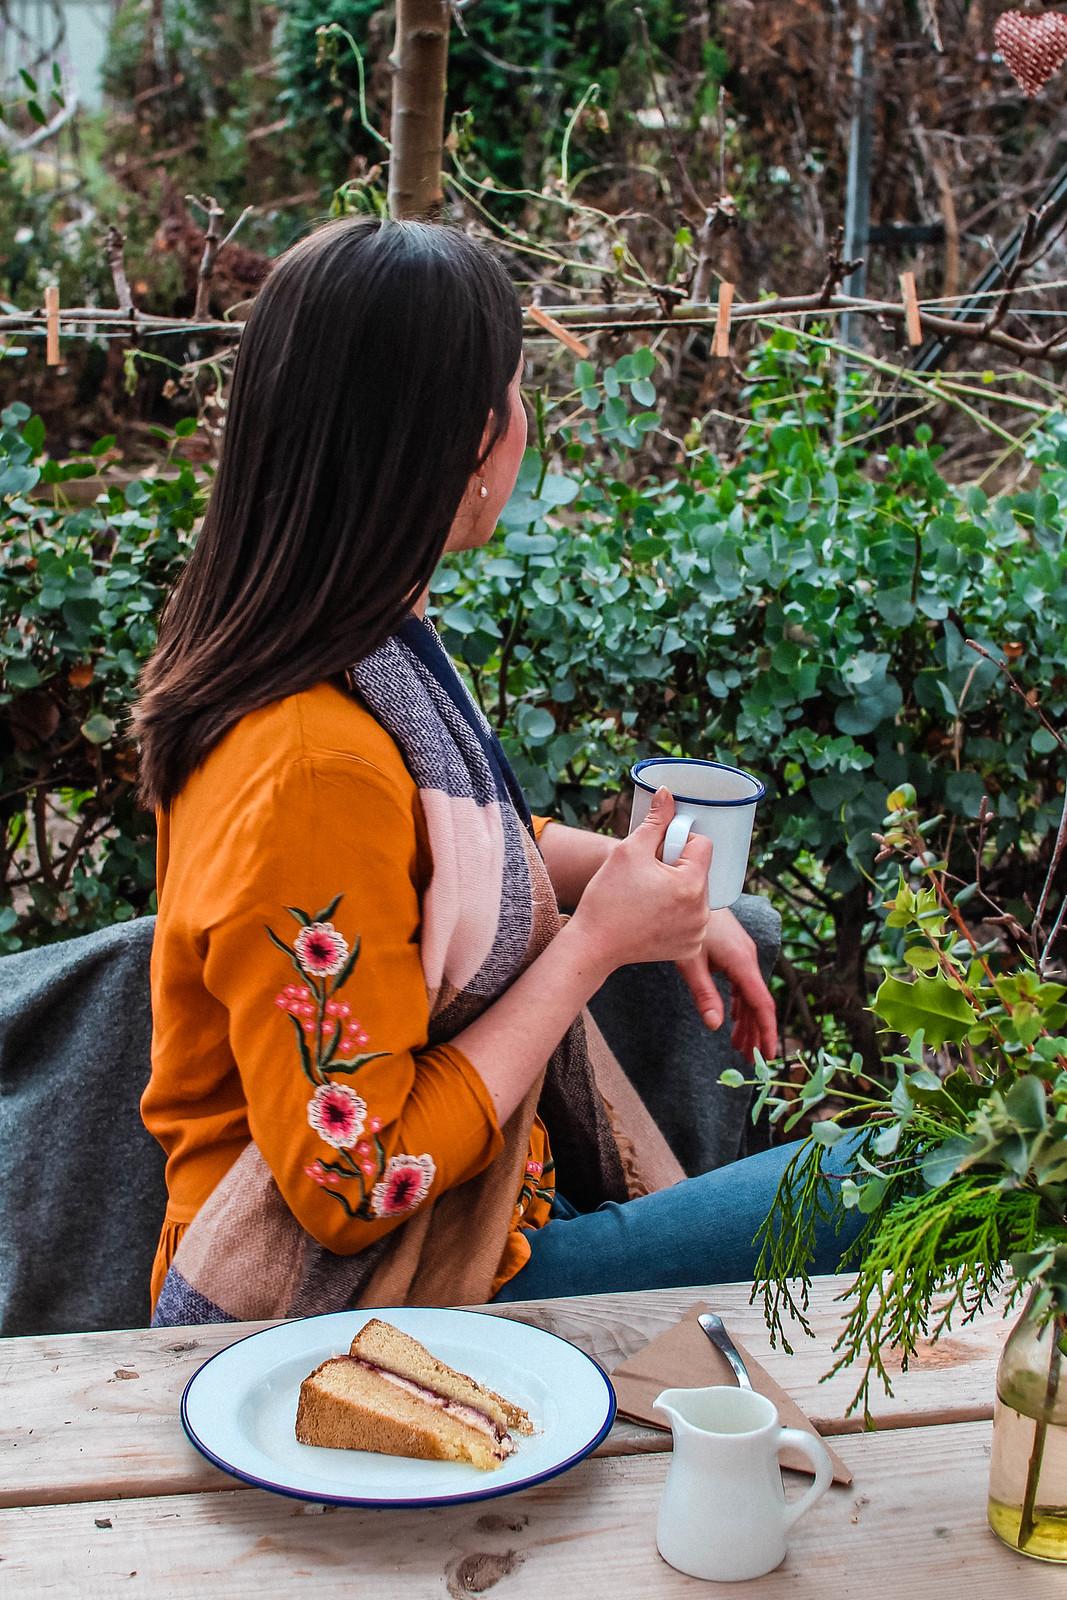 Edinburgh Secret Herb Garden Review Lifestyle blogger travel UK The Little Things IMG_7751